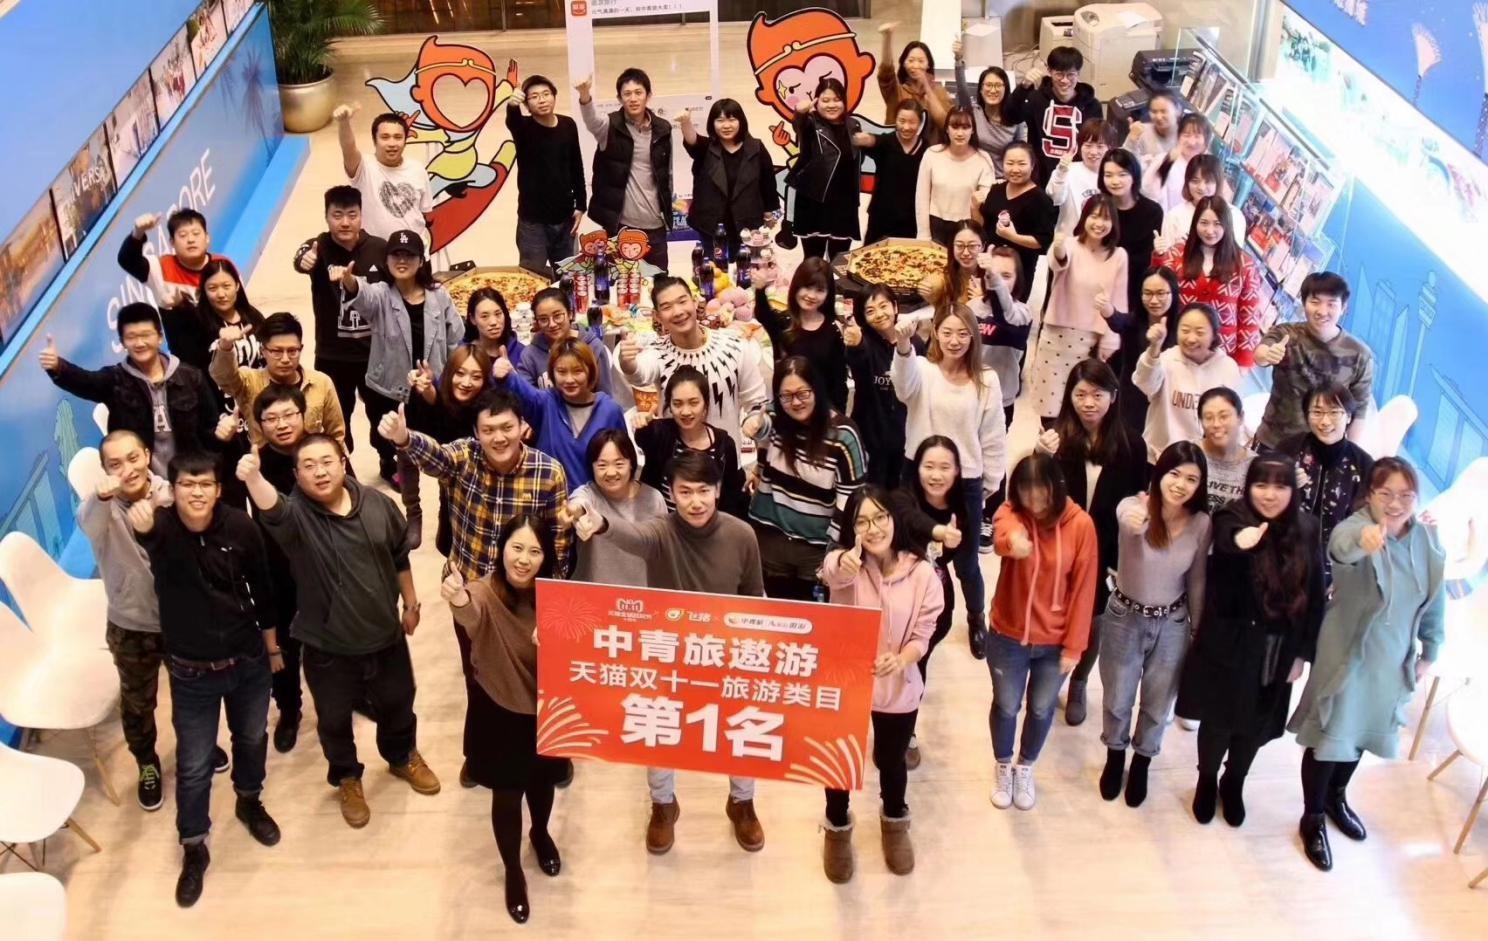 zhongqinglv181112c